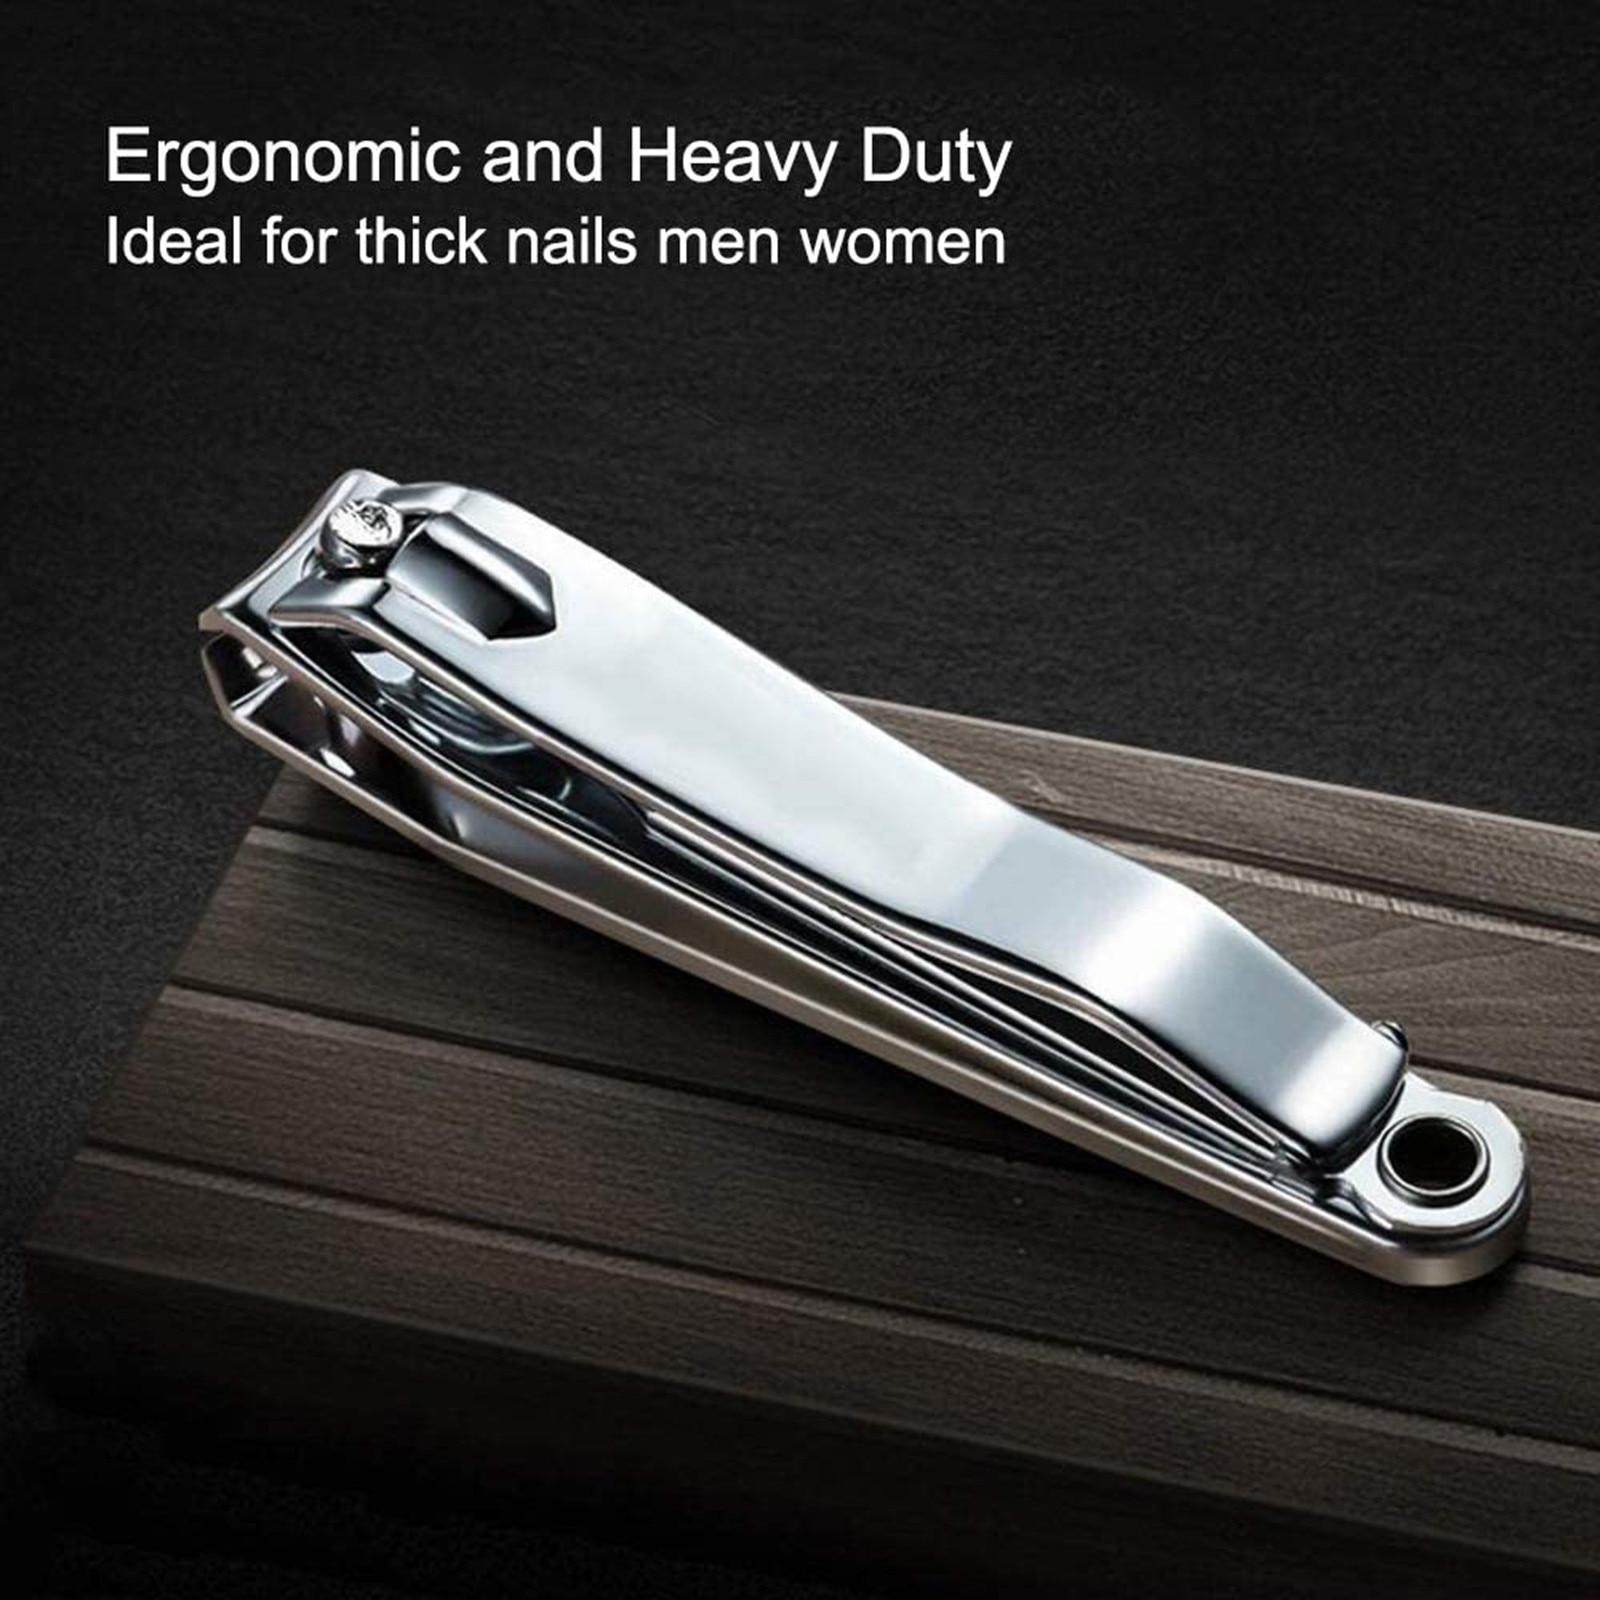 cortaunas-profesional-de-acero-inoxidable-unisex-maquina-para-cortar-3-unas-cortaunas